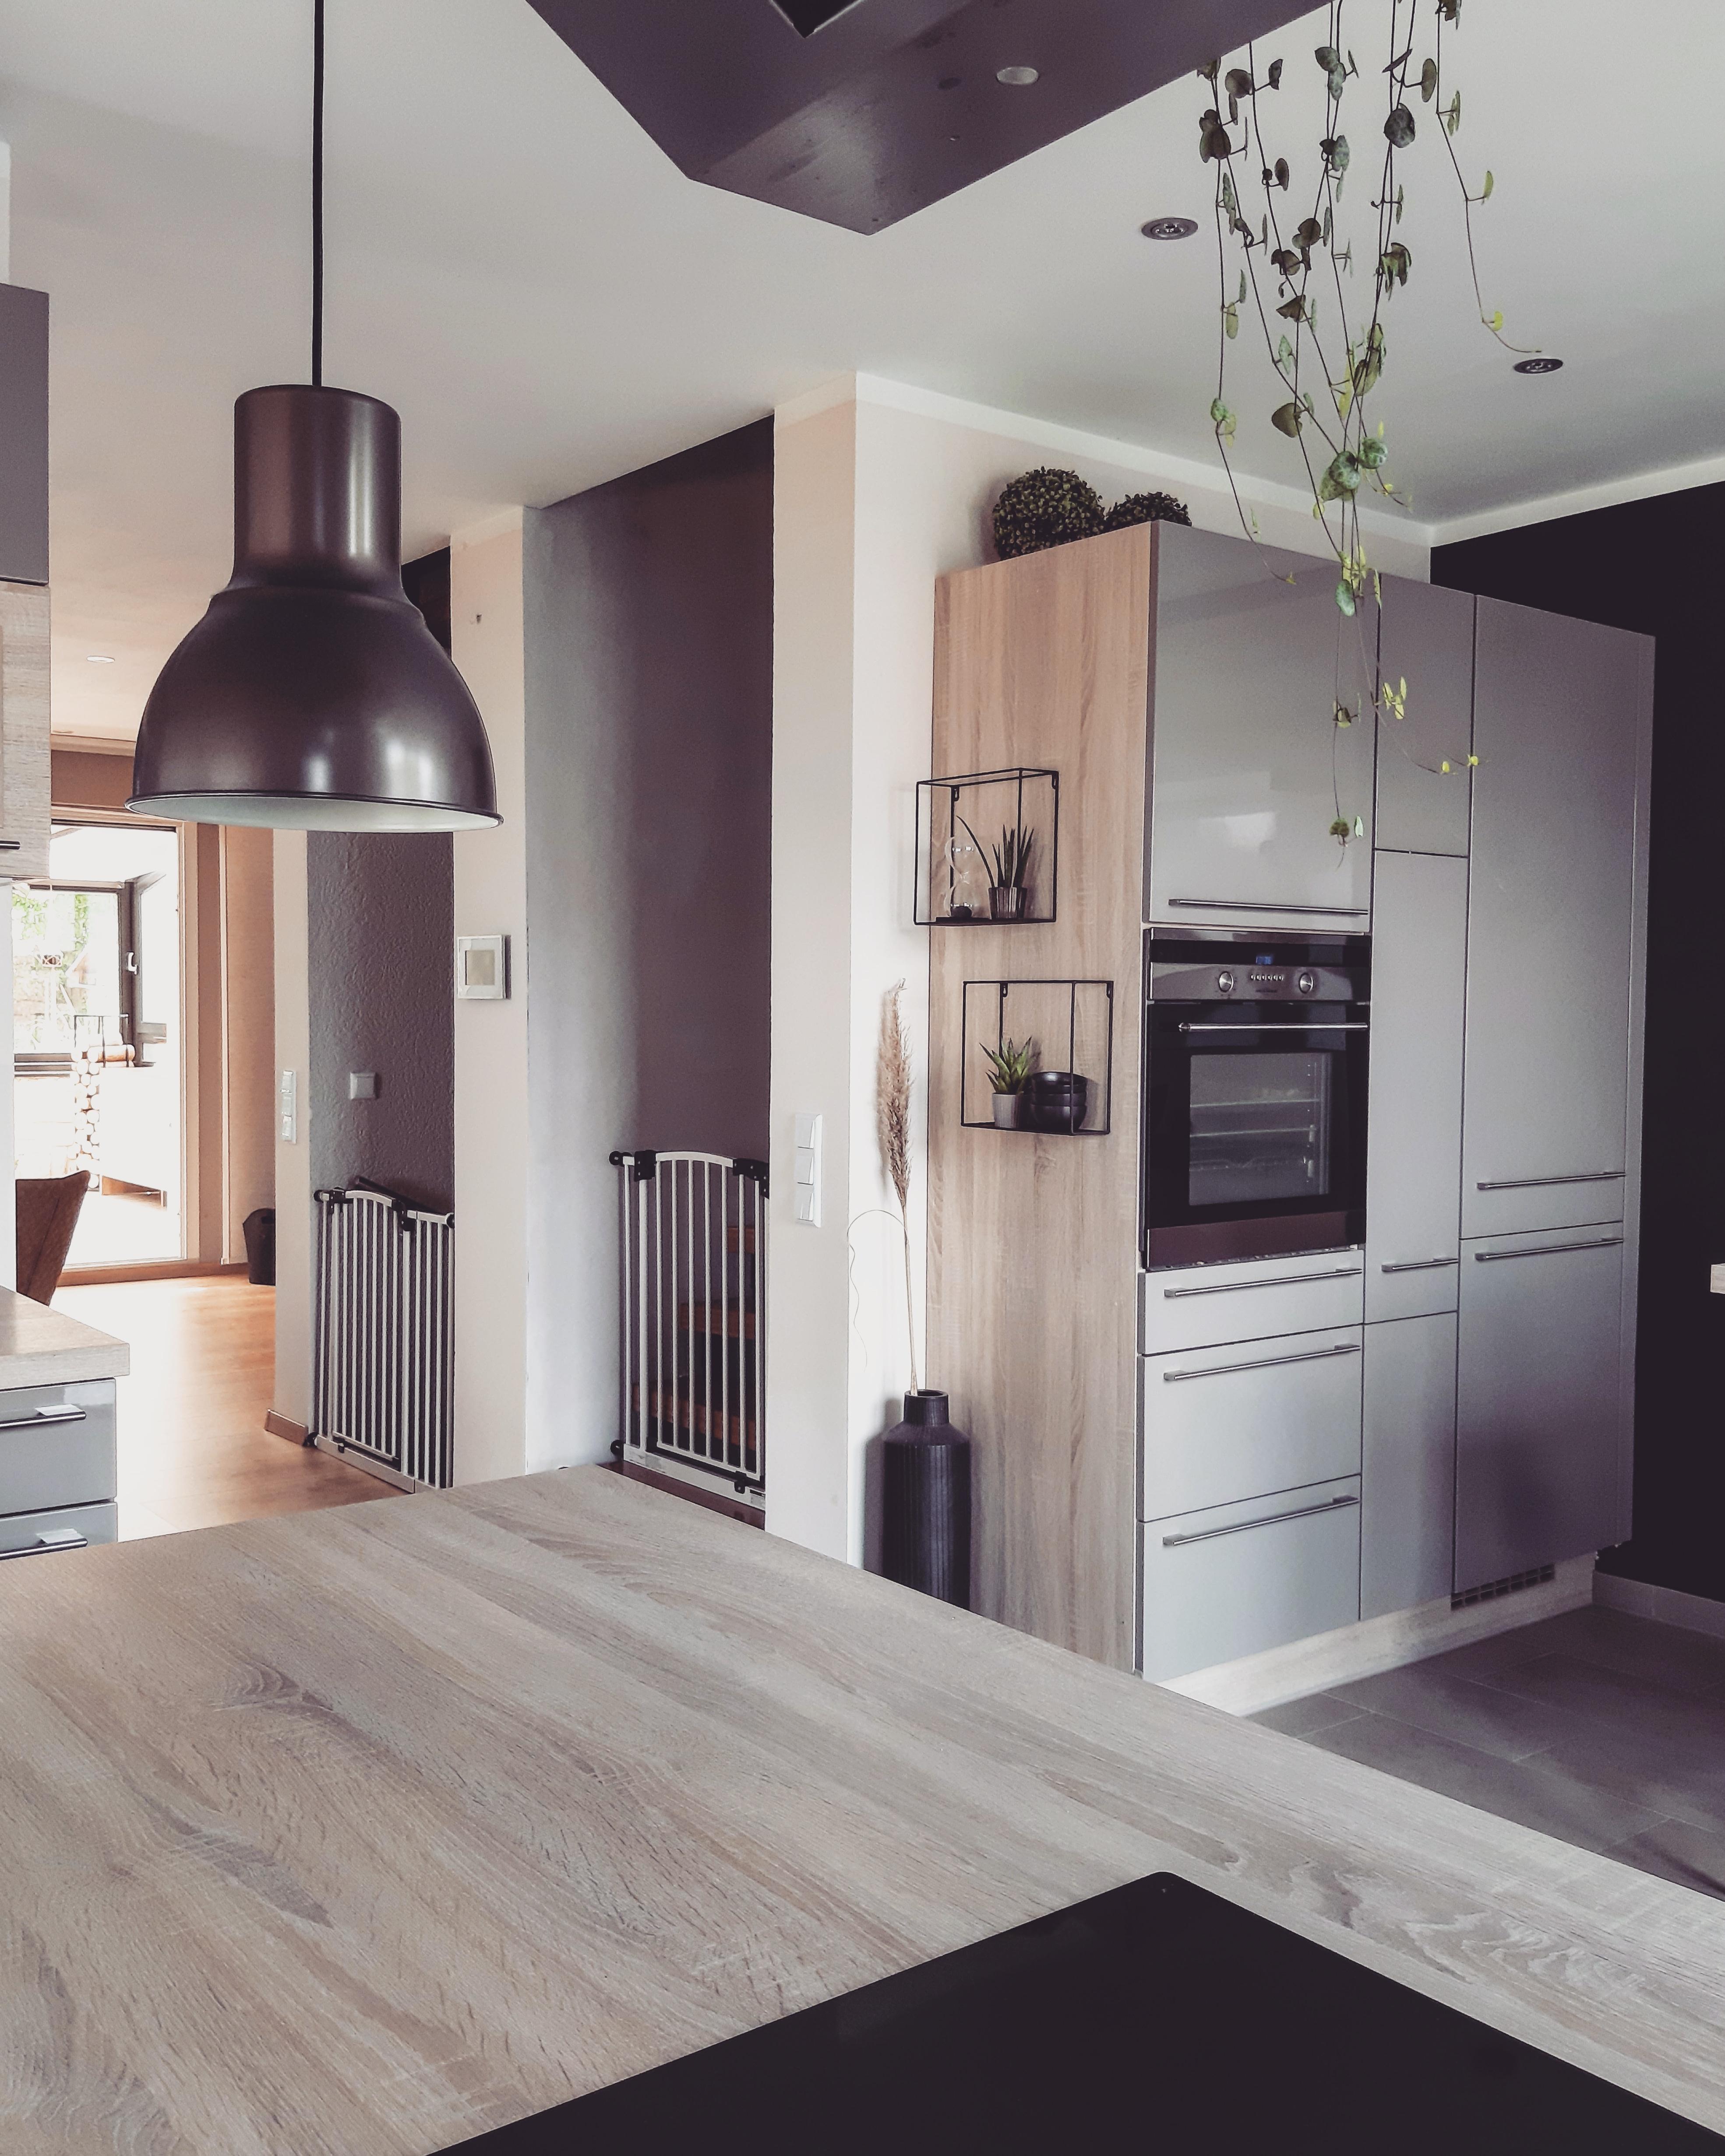 Wohnzimmer Mit Kuche Einrichten Caseconrad Com